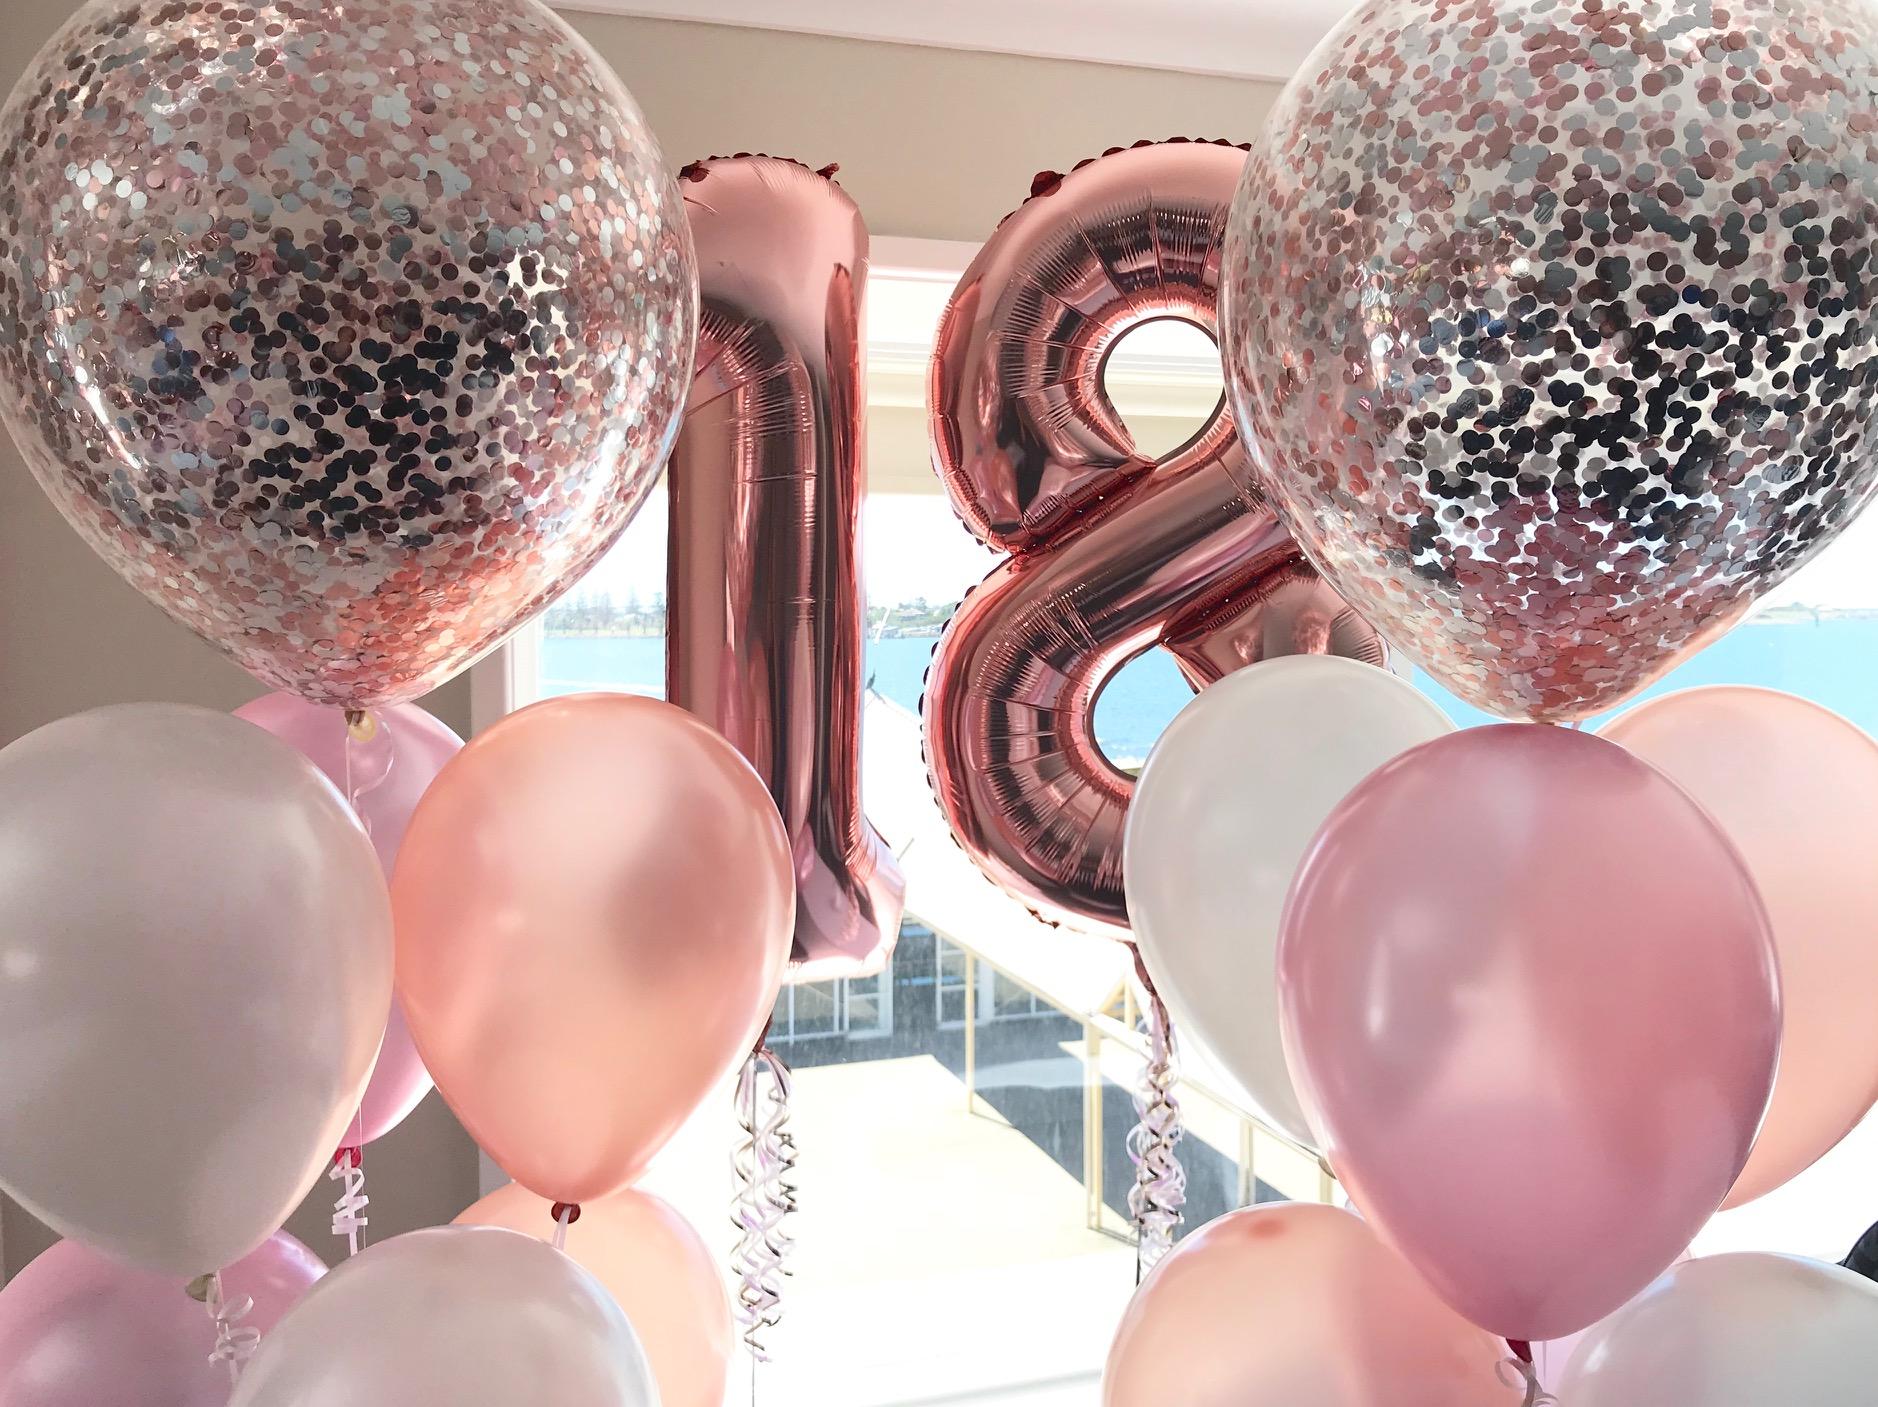 18th birthday celebration